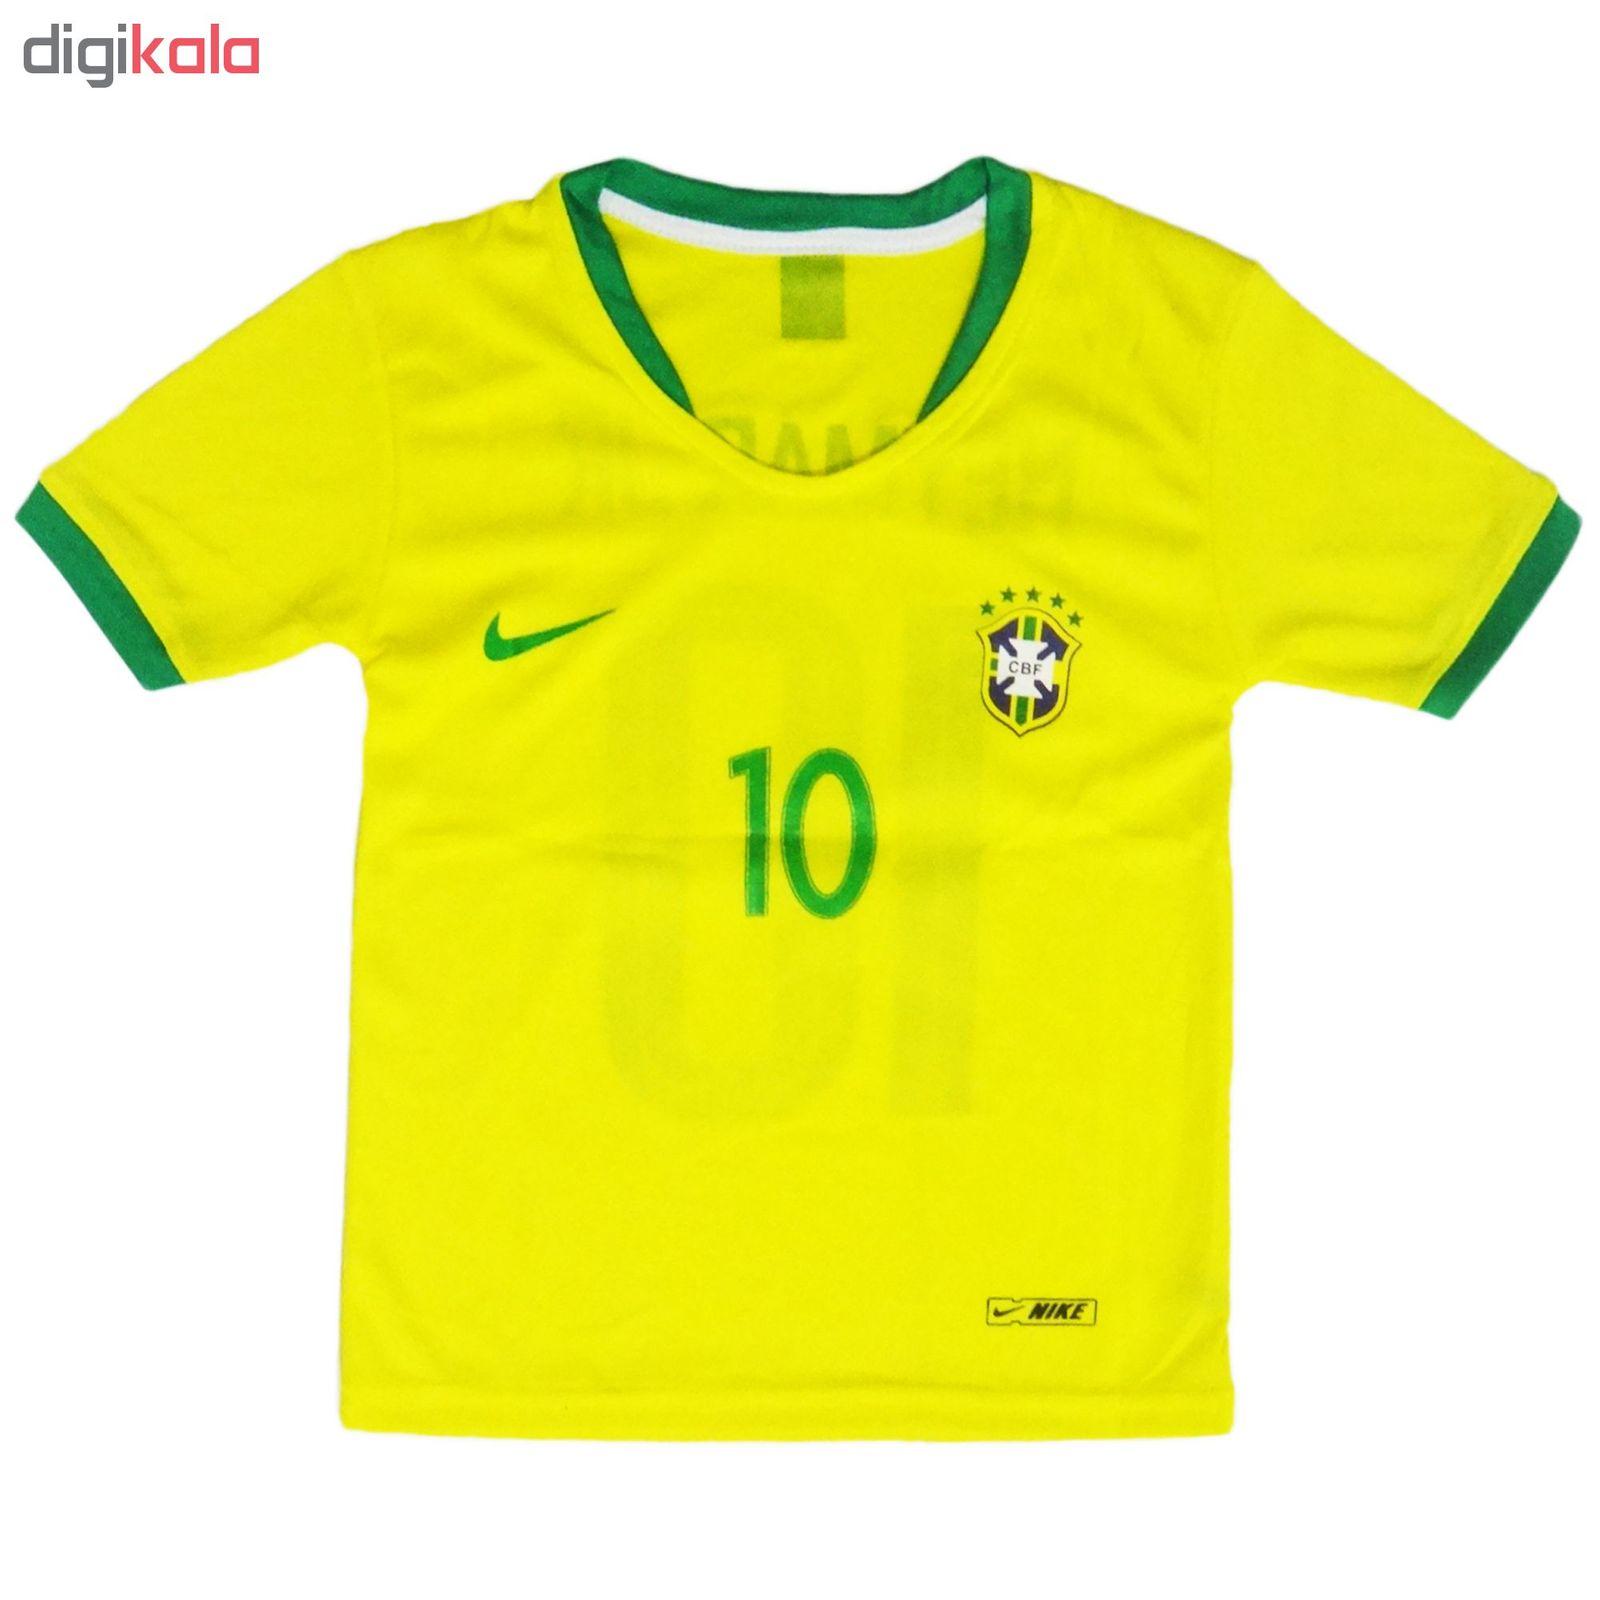 ست پیراهن و شورت ورزشی پسرانه طرح تیم ملی برزیل کد 2018 main 1 1